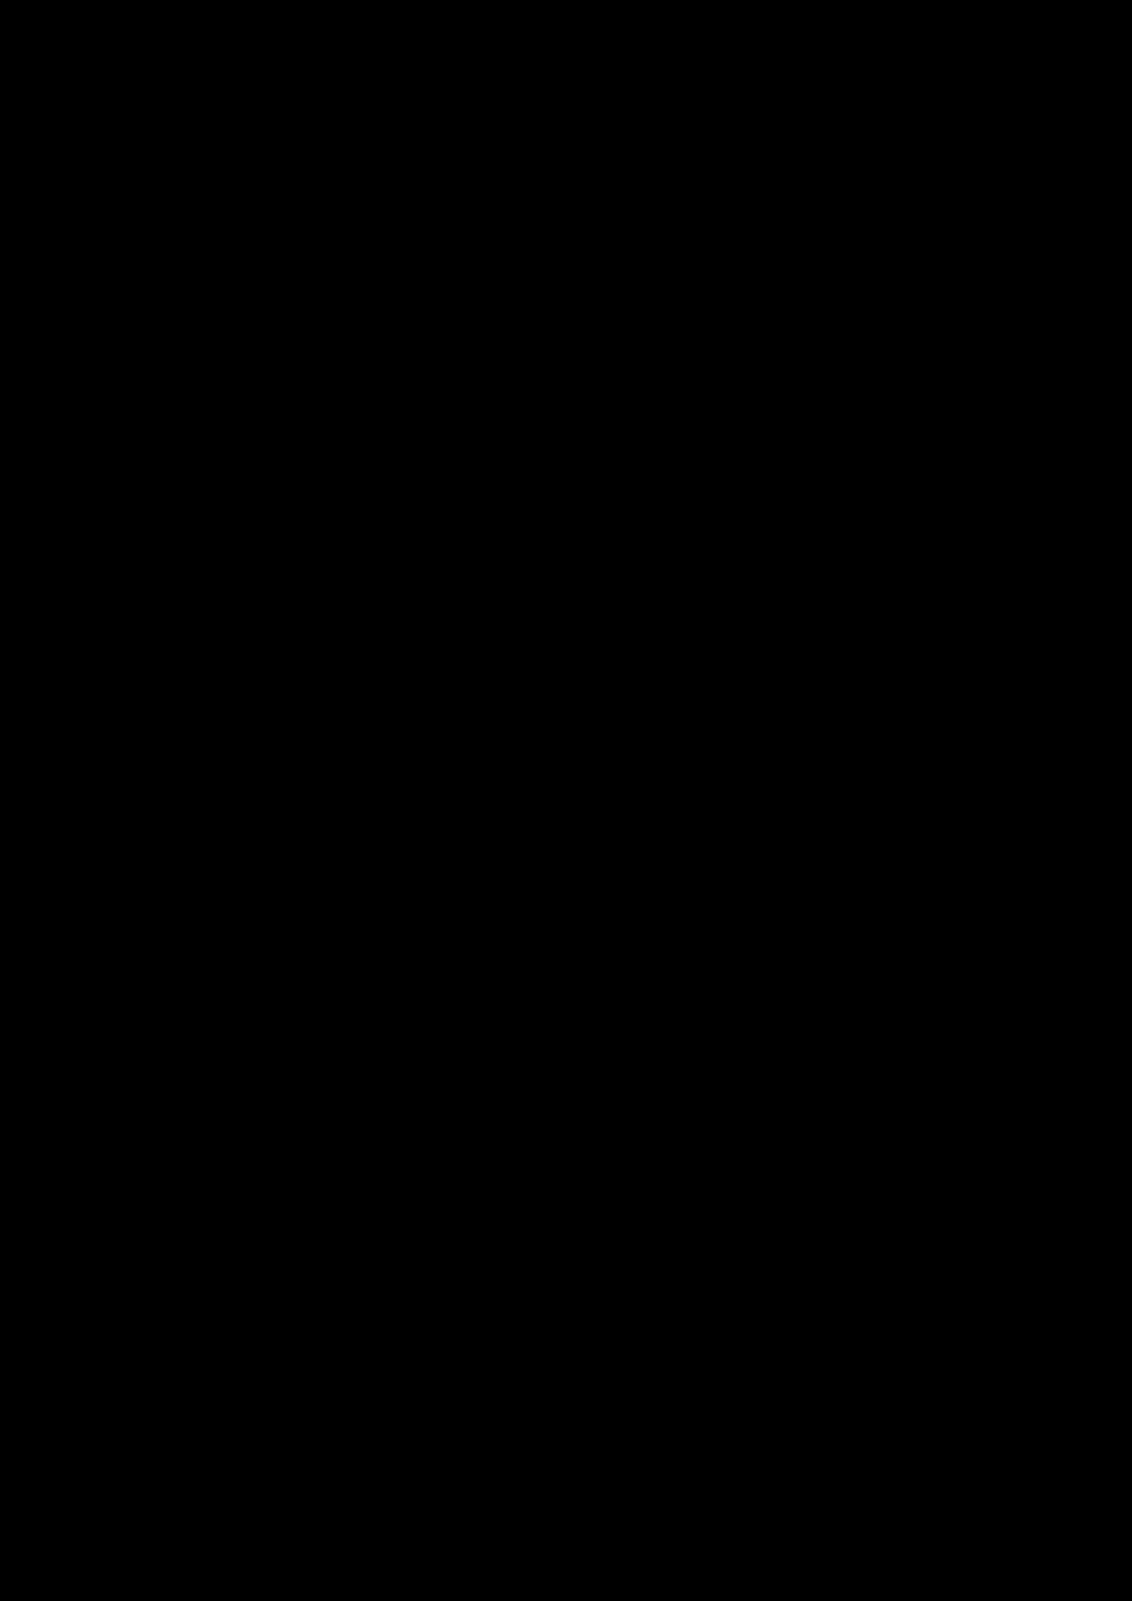 Prolog slide, Image 15